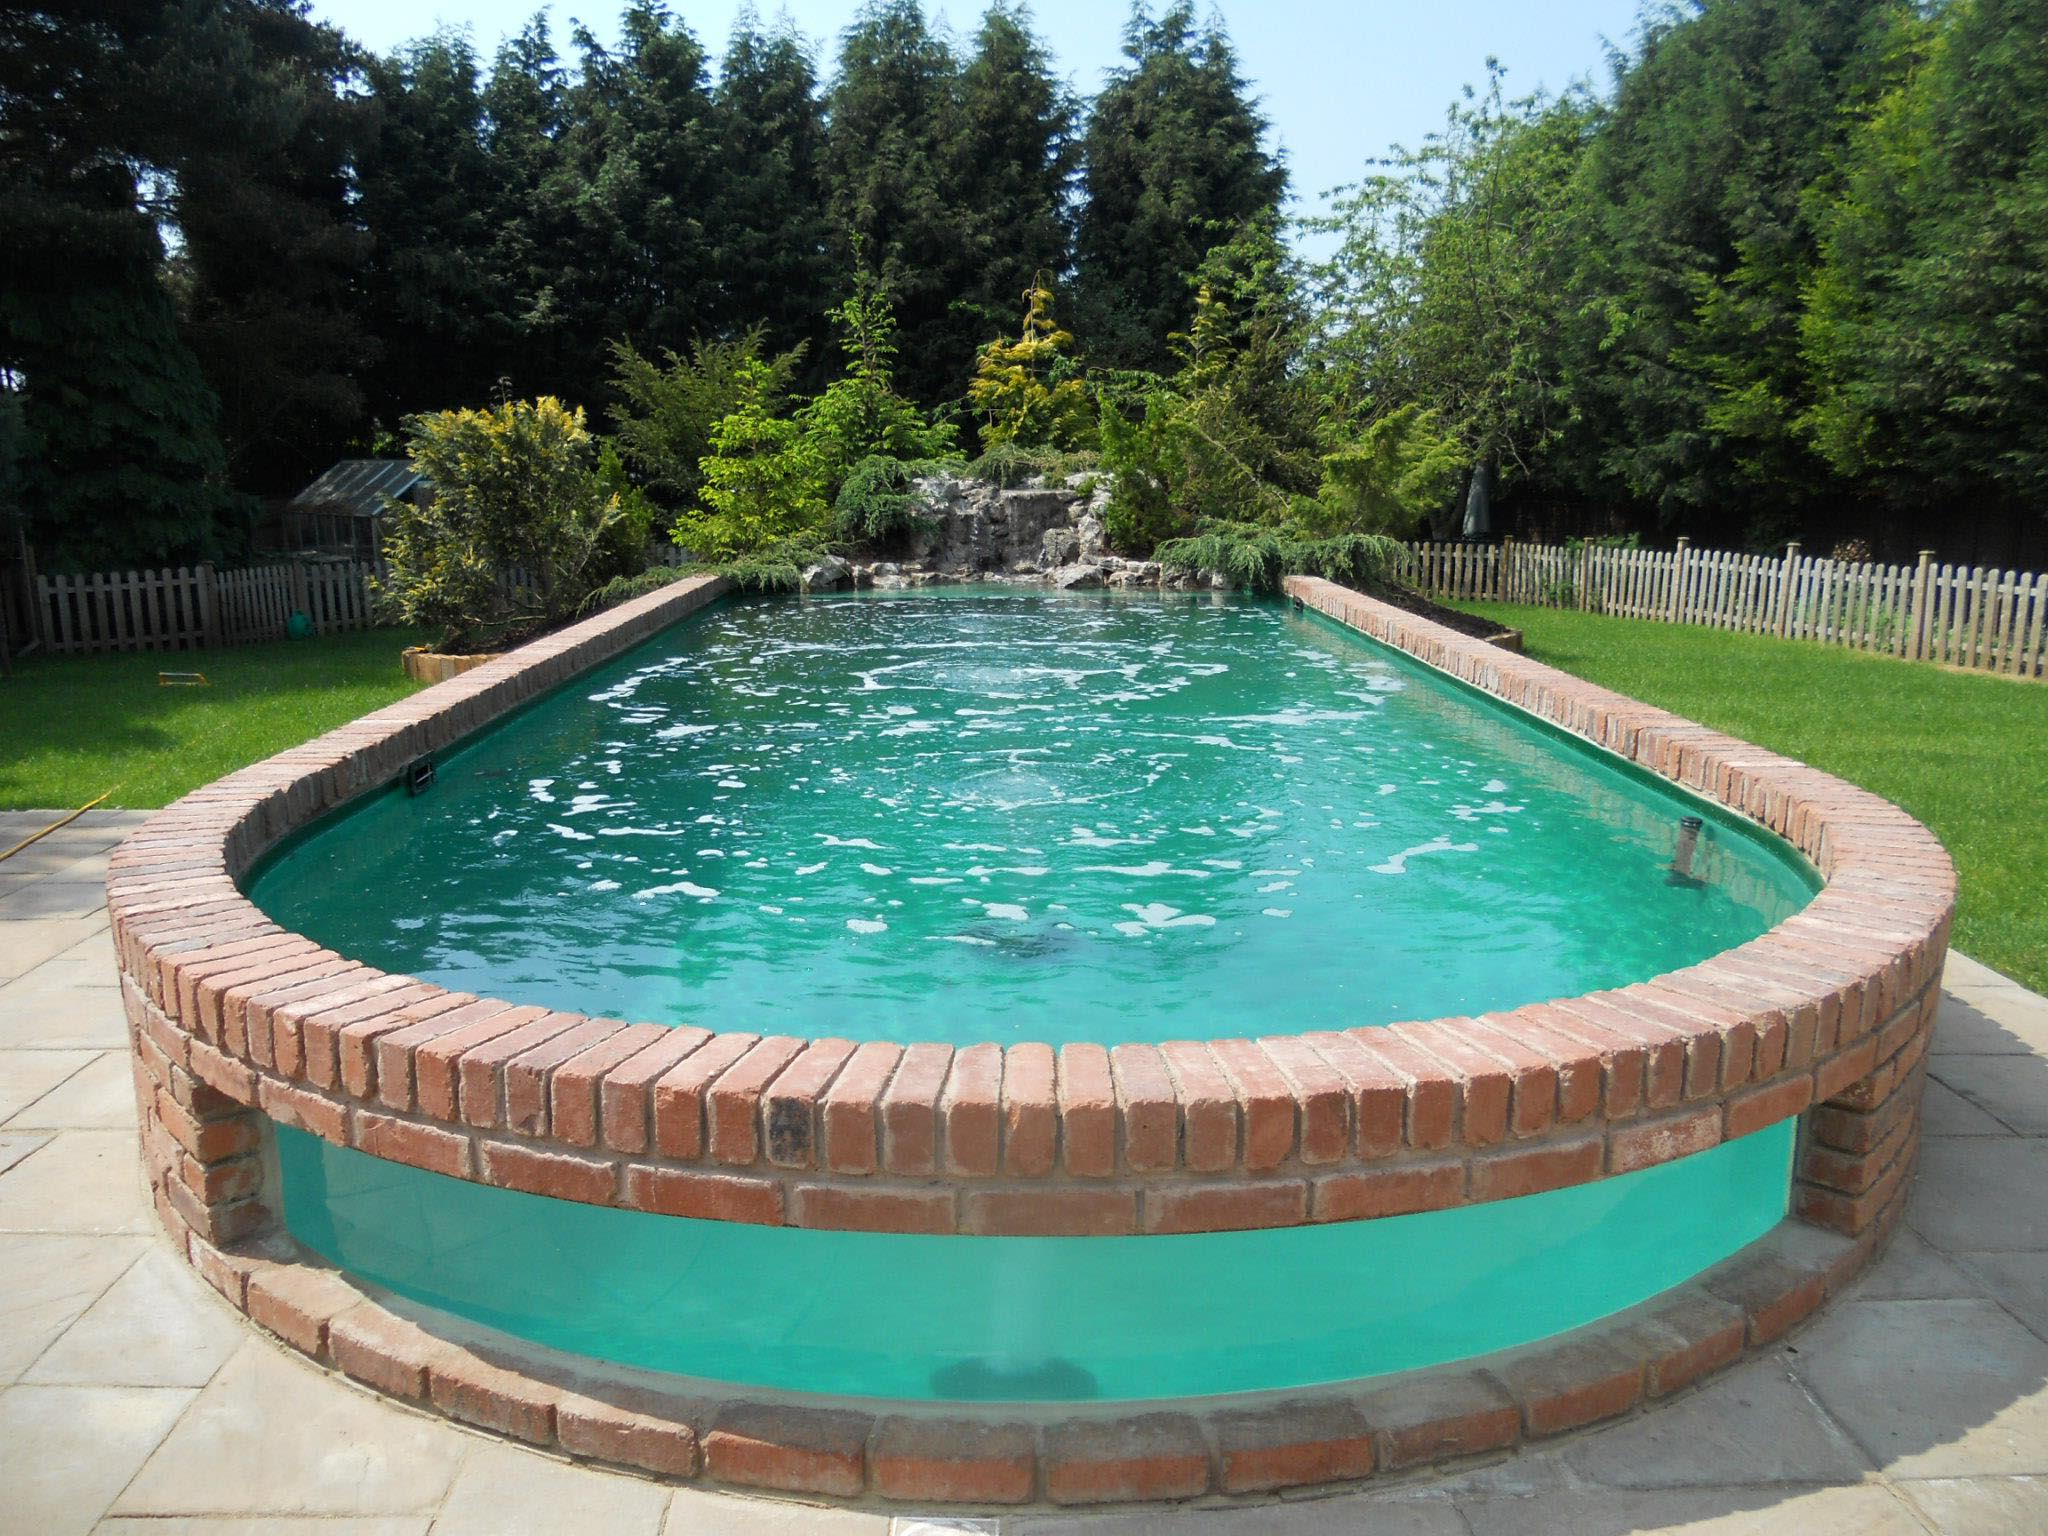 Pool Waterfall Fountain